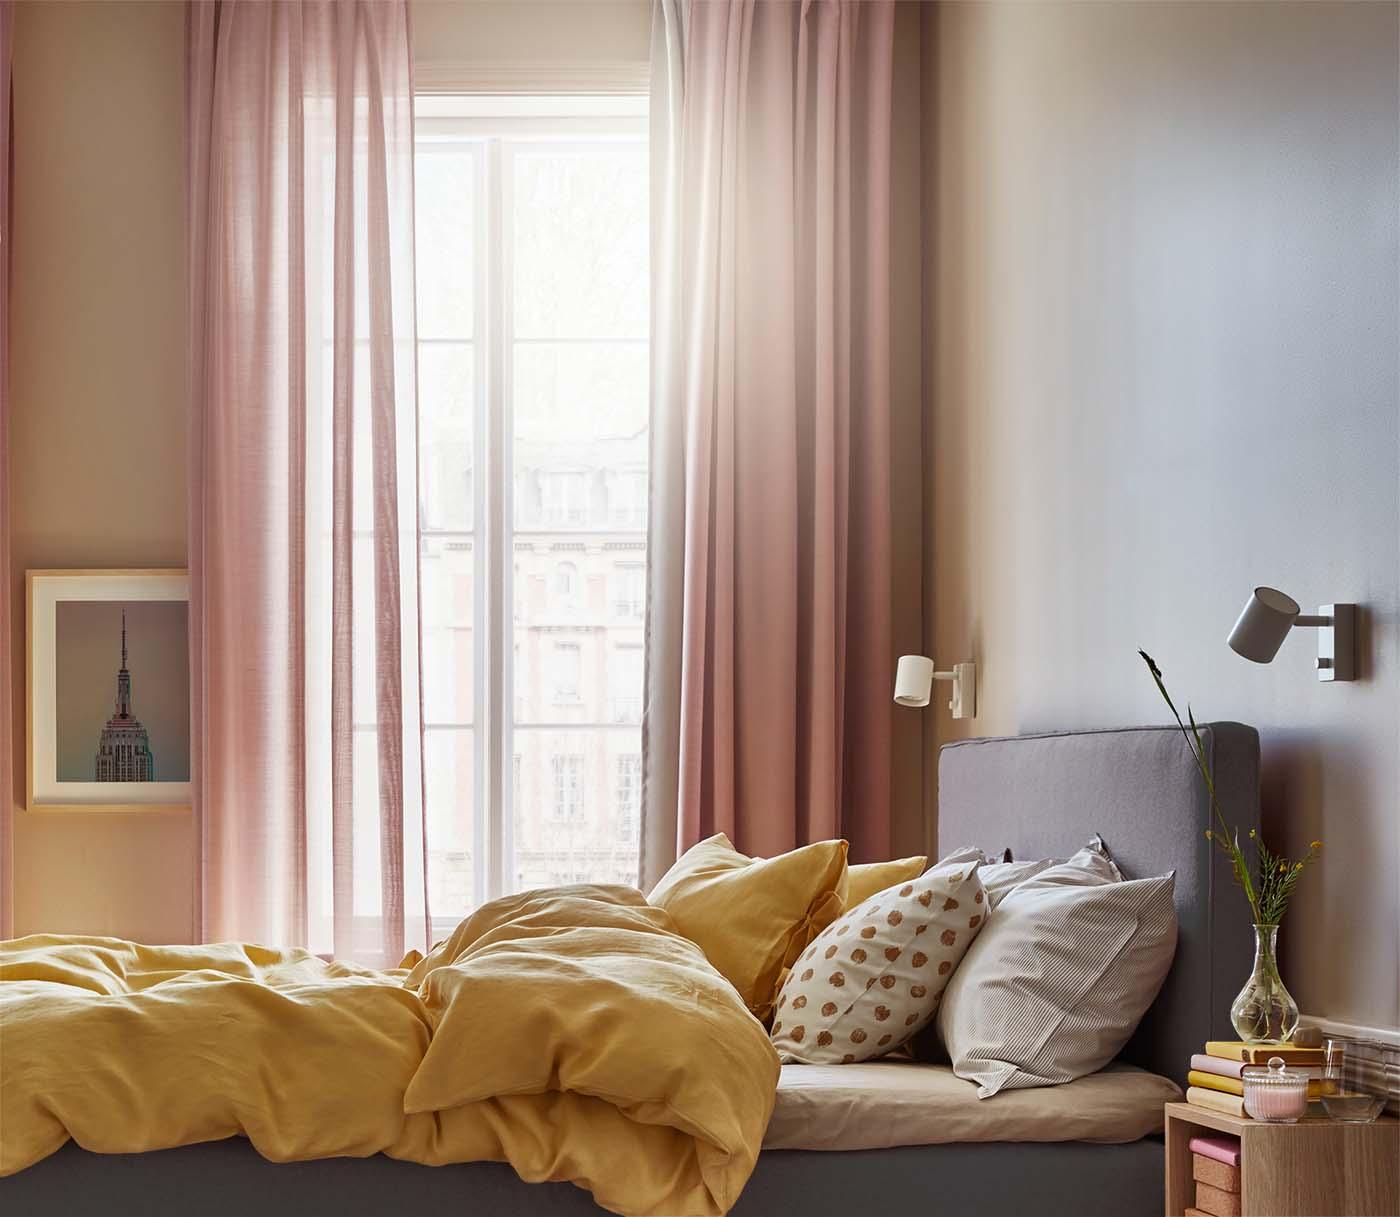 Paksut ja ohuet verhot lämpimän värisessä makuuhuoneessa